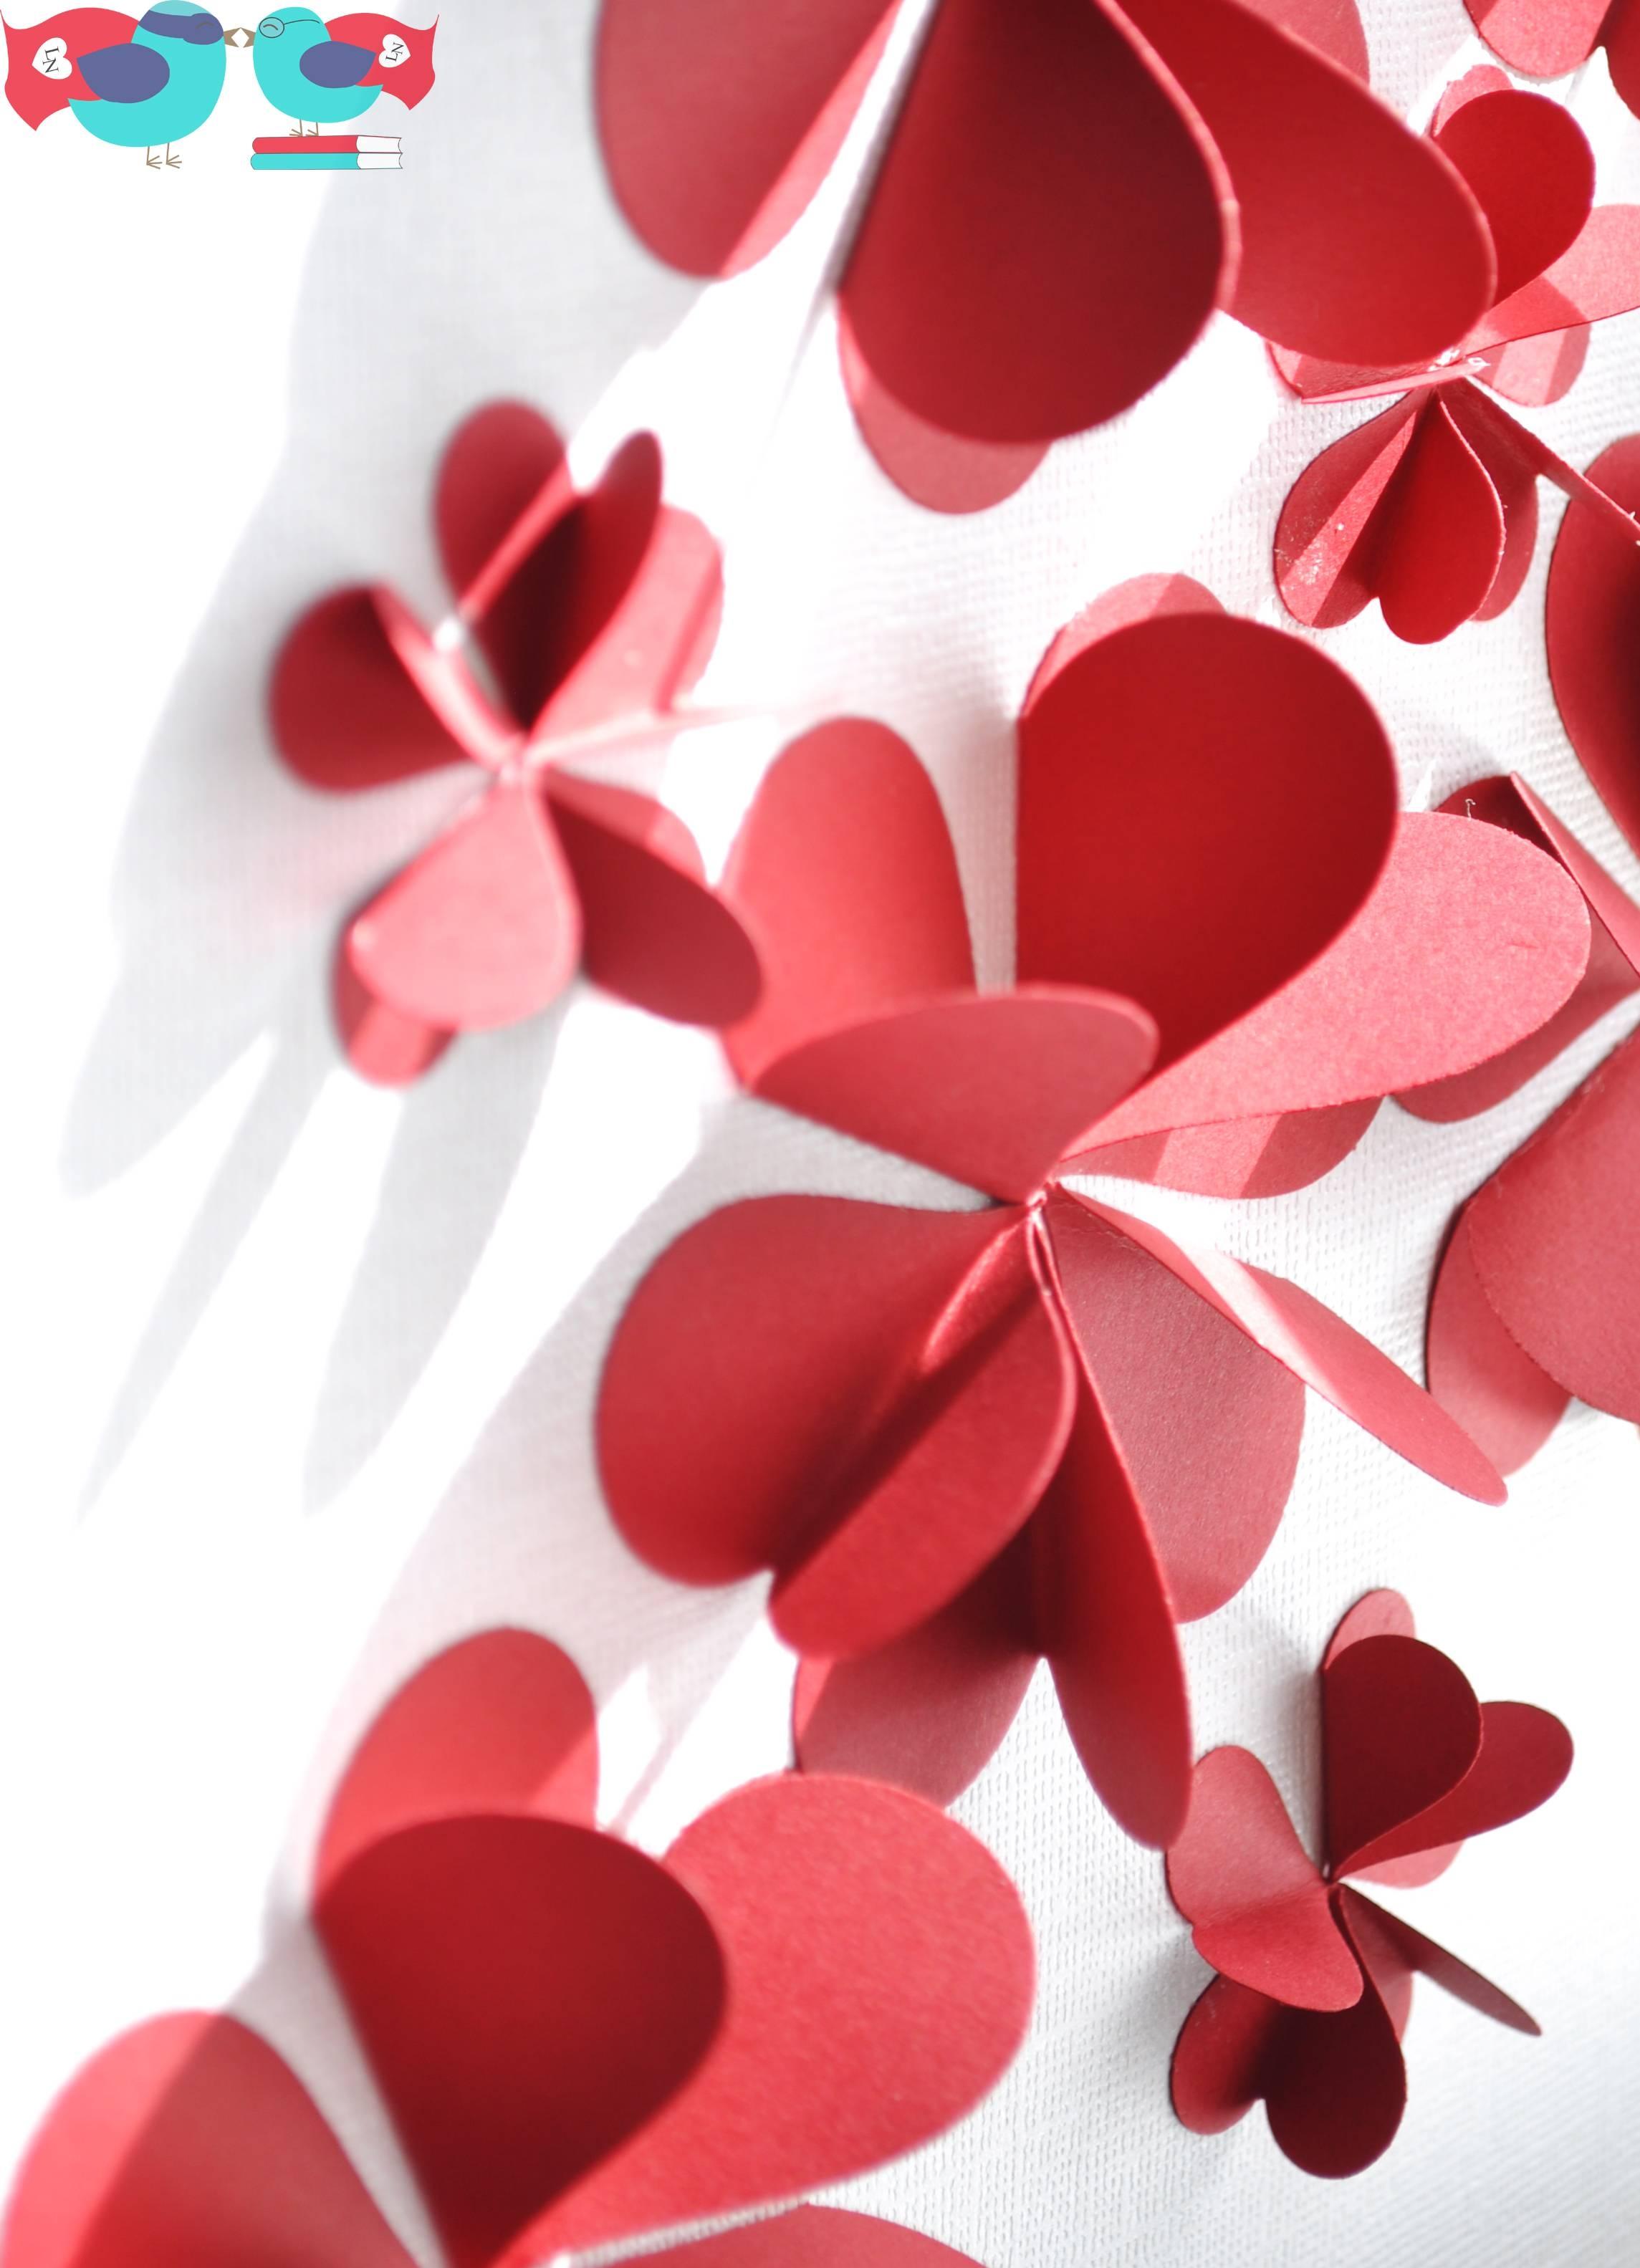 Outstanding Flower Burst 3D Metal Wall Art Home Decor Wall Sticker In Latest Heart 3D Wall Art (View 18 of 20)